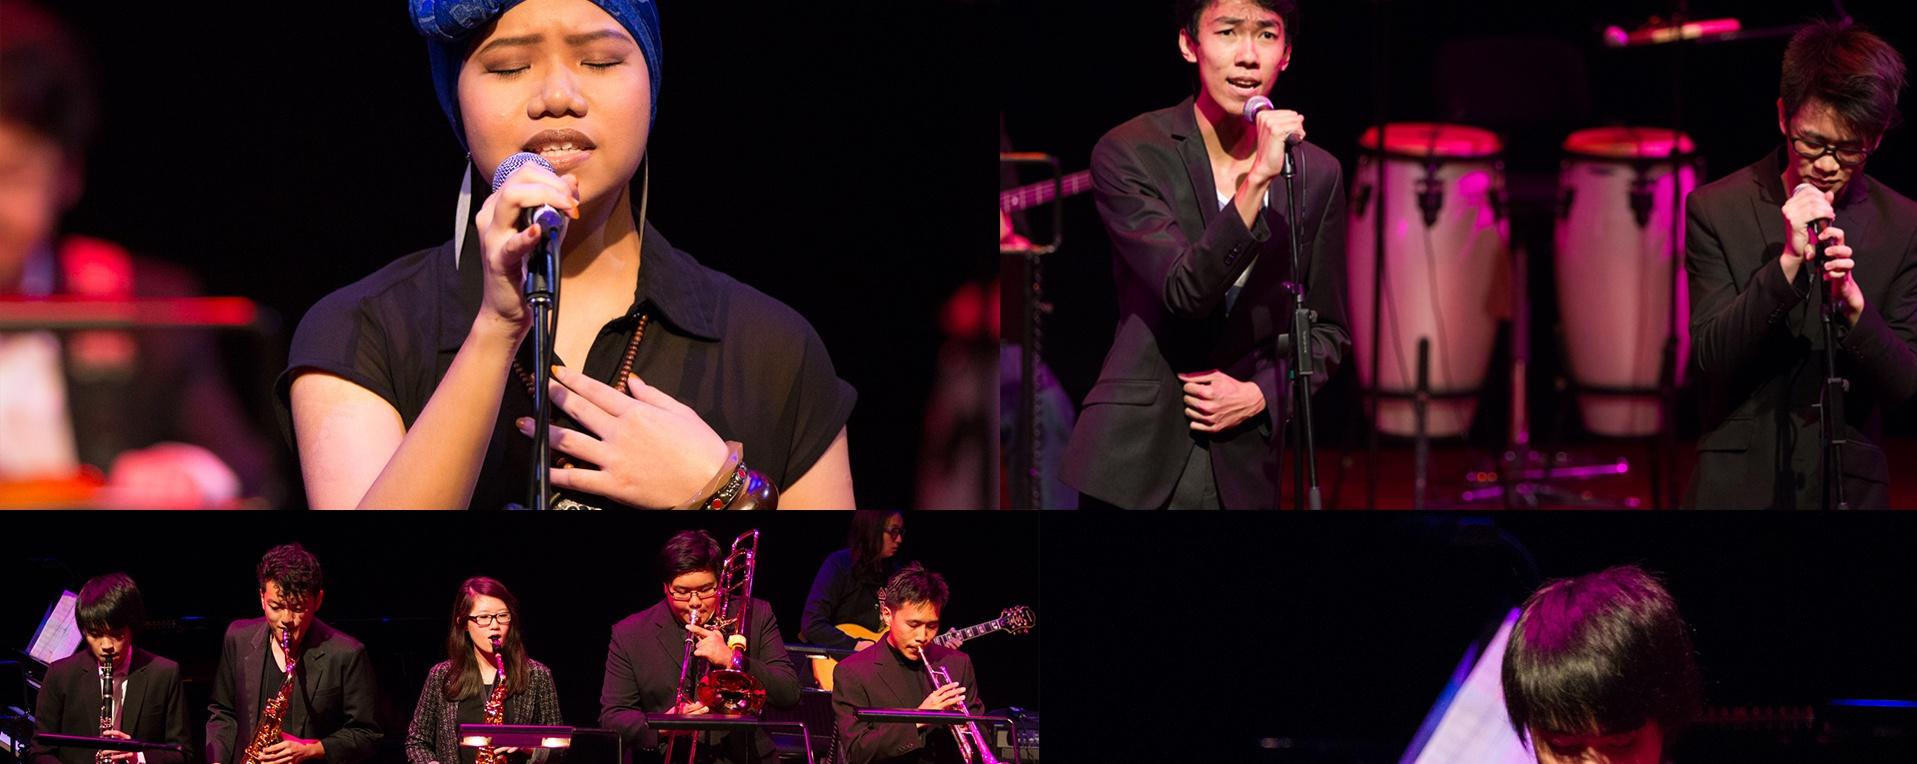 SP Jazz band